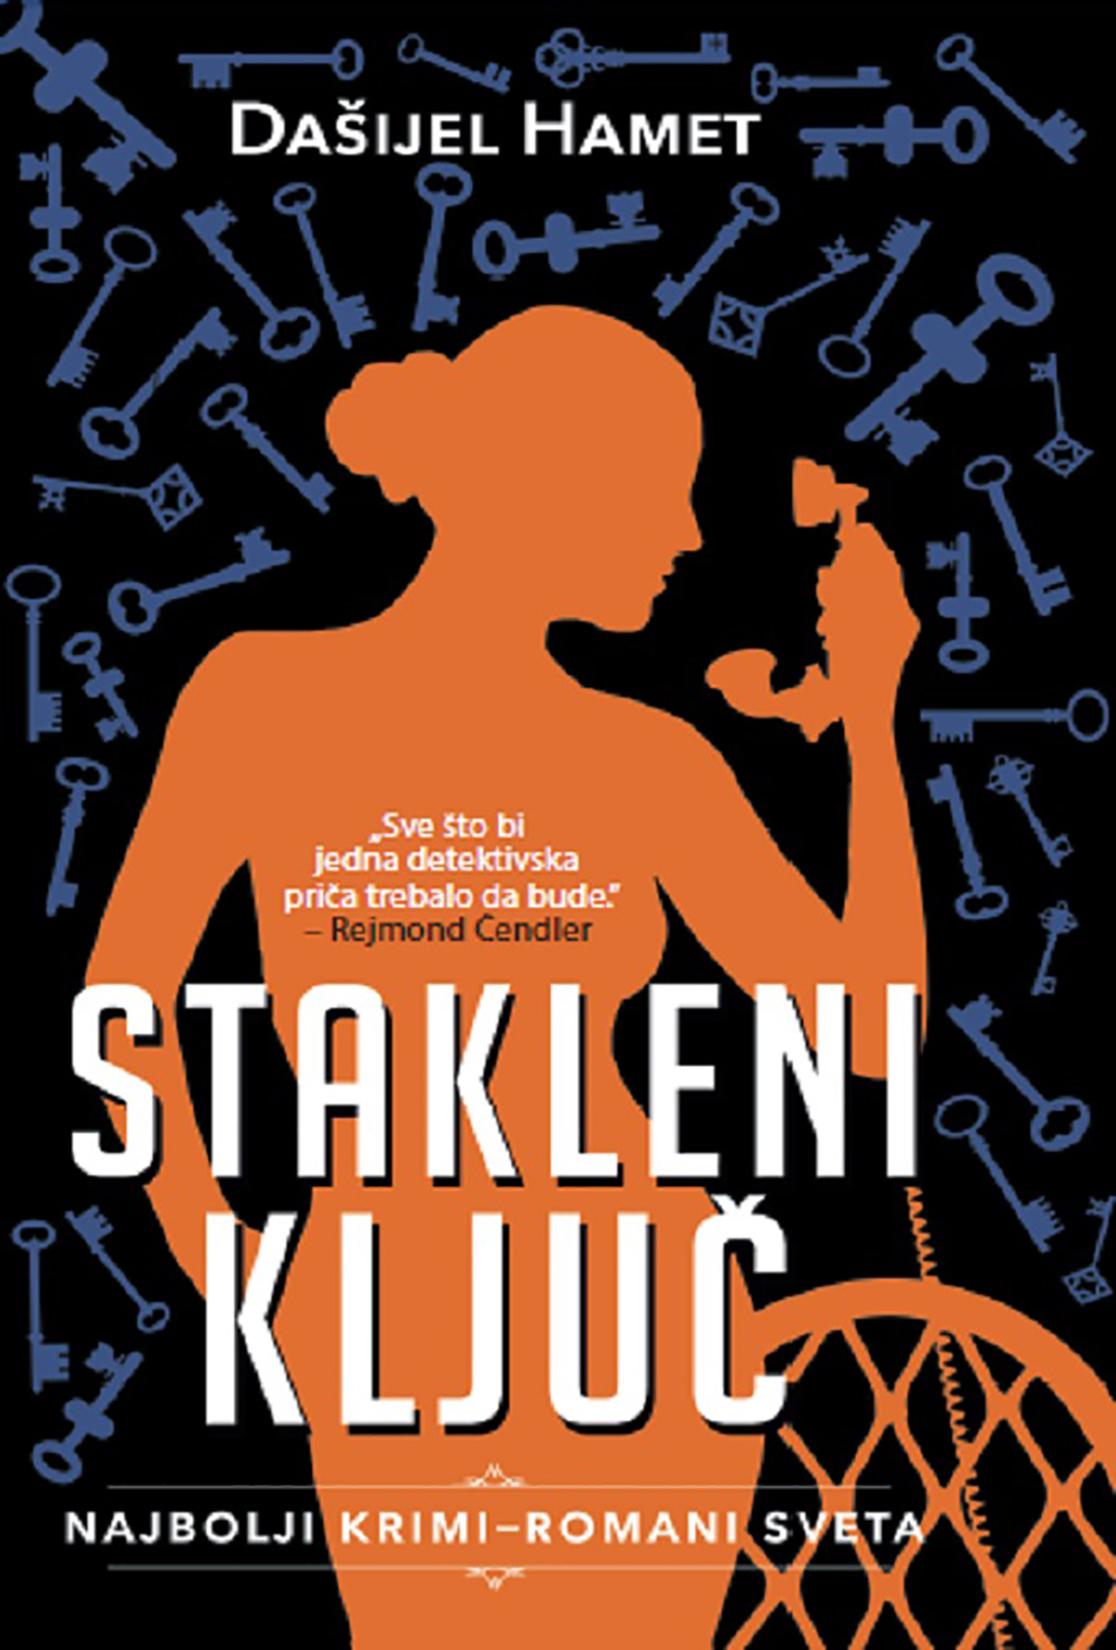 Dašijel Hamet, Stakleni ključ, knjiga, knjige